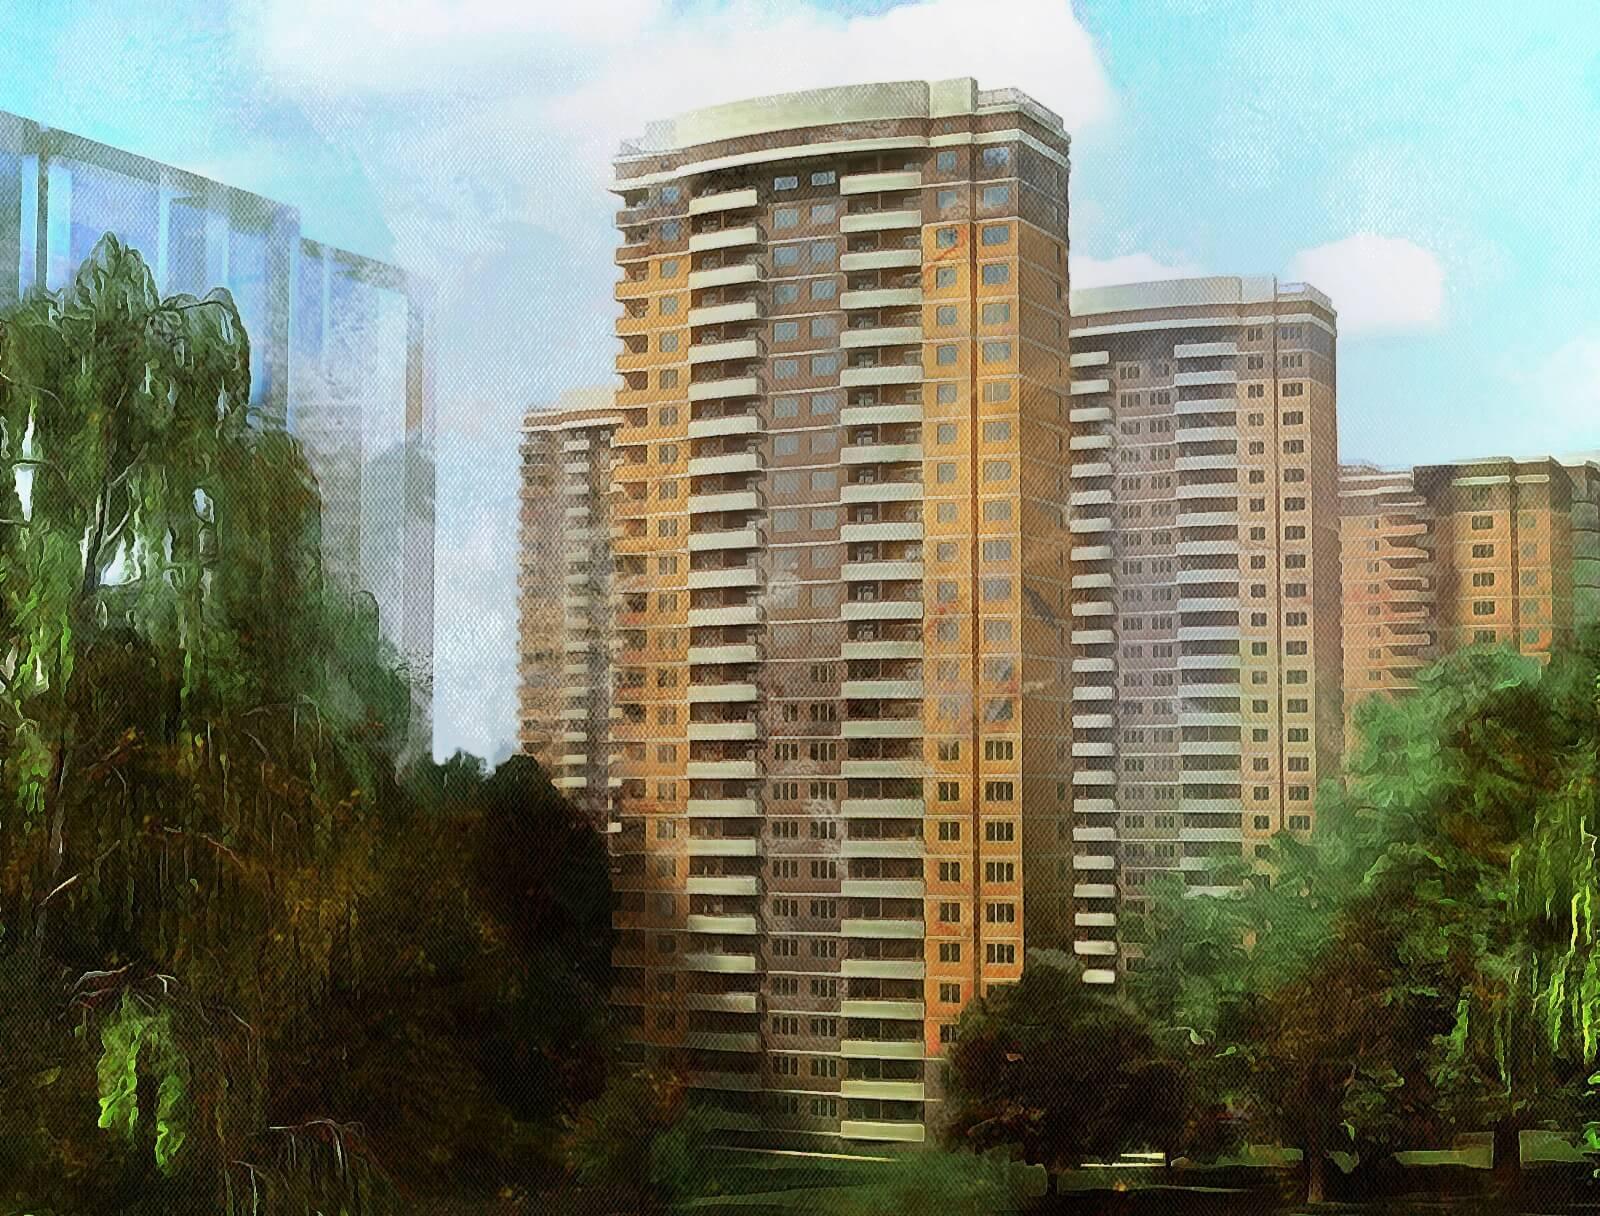 Жилой комплекс Новое Мурино в Санкт-Петербурге: квартиры от застройщика ЦДС